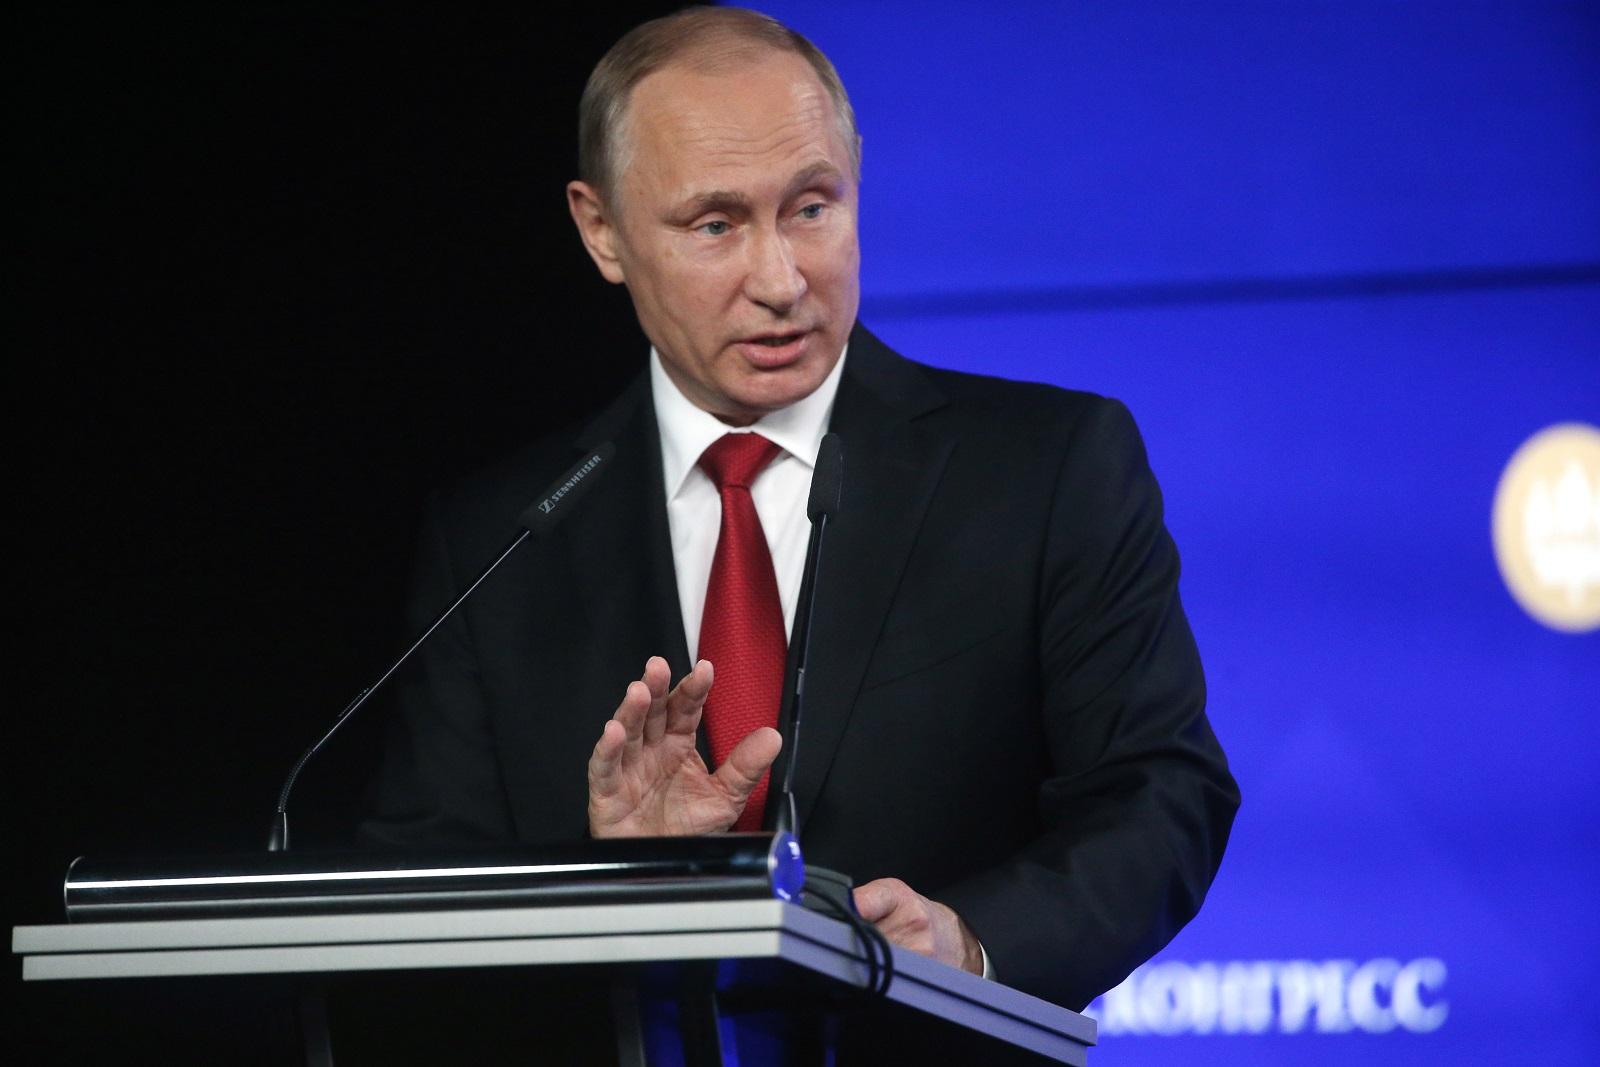 俄总统普京瓦尔代会议上痛斥西方资本主义模式已油尽灯枯!